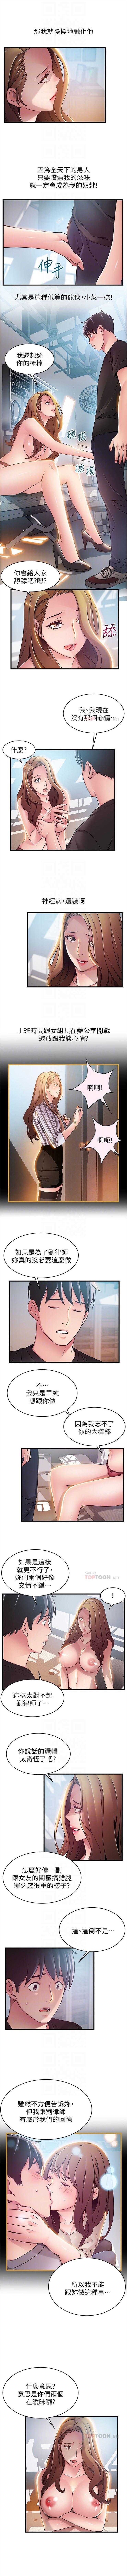 (週7)弱點 1-76 中文翻譯(更新中) 323